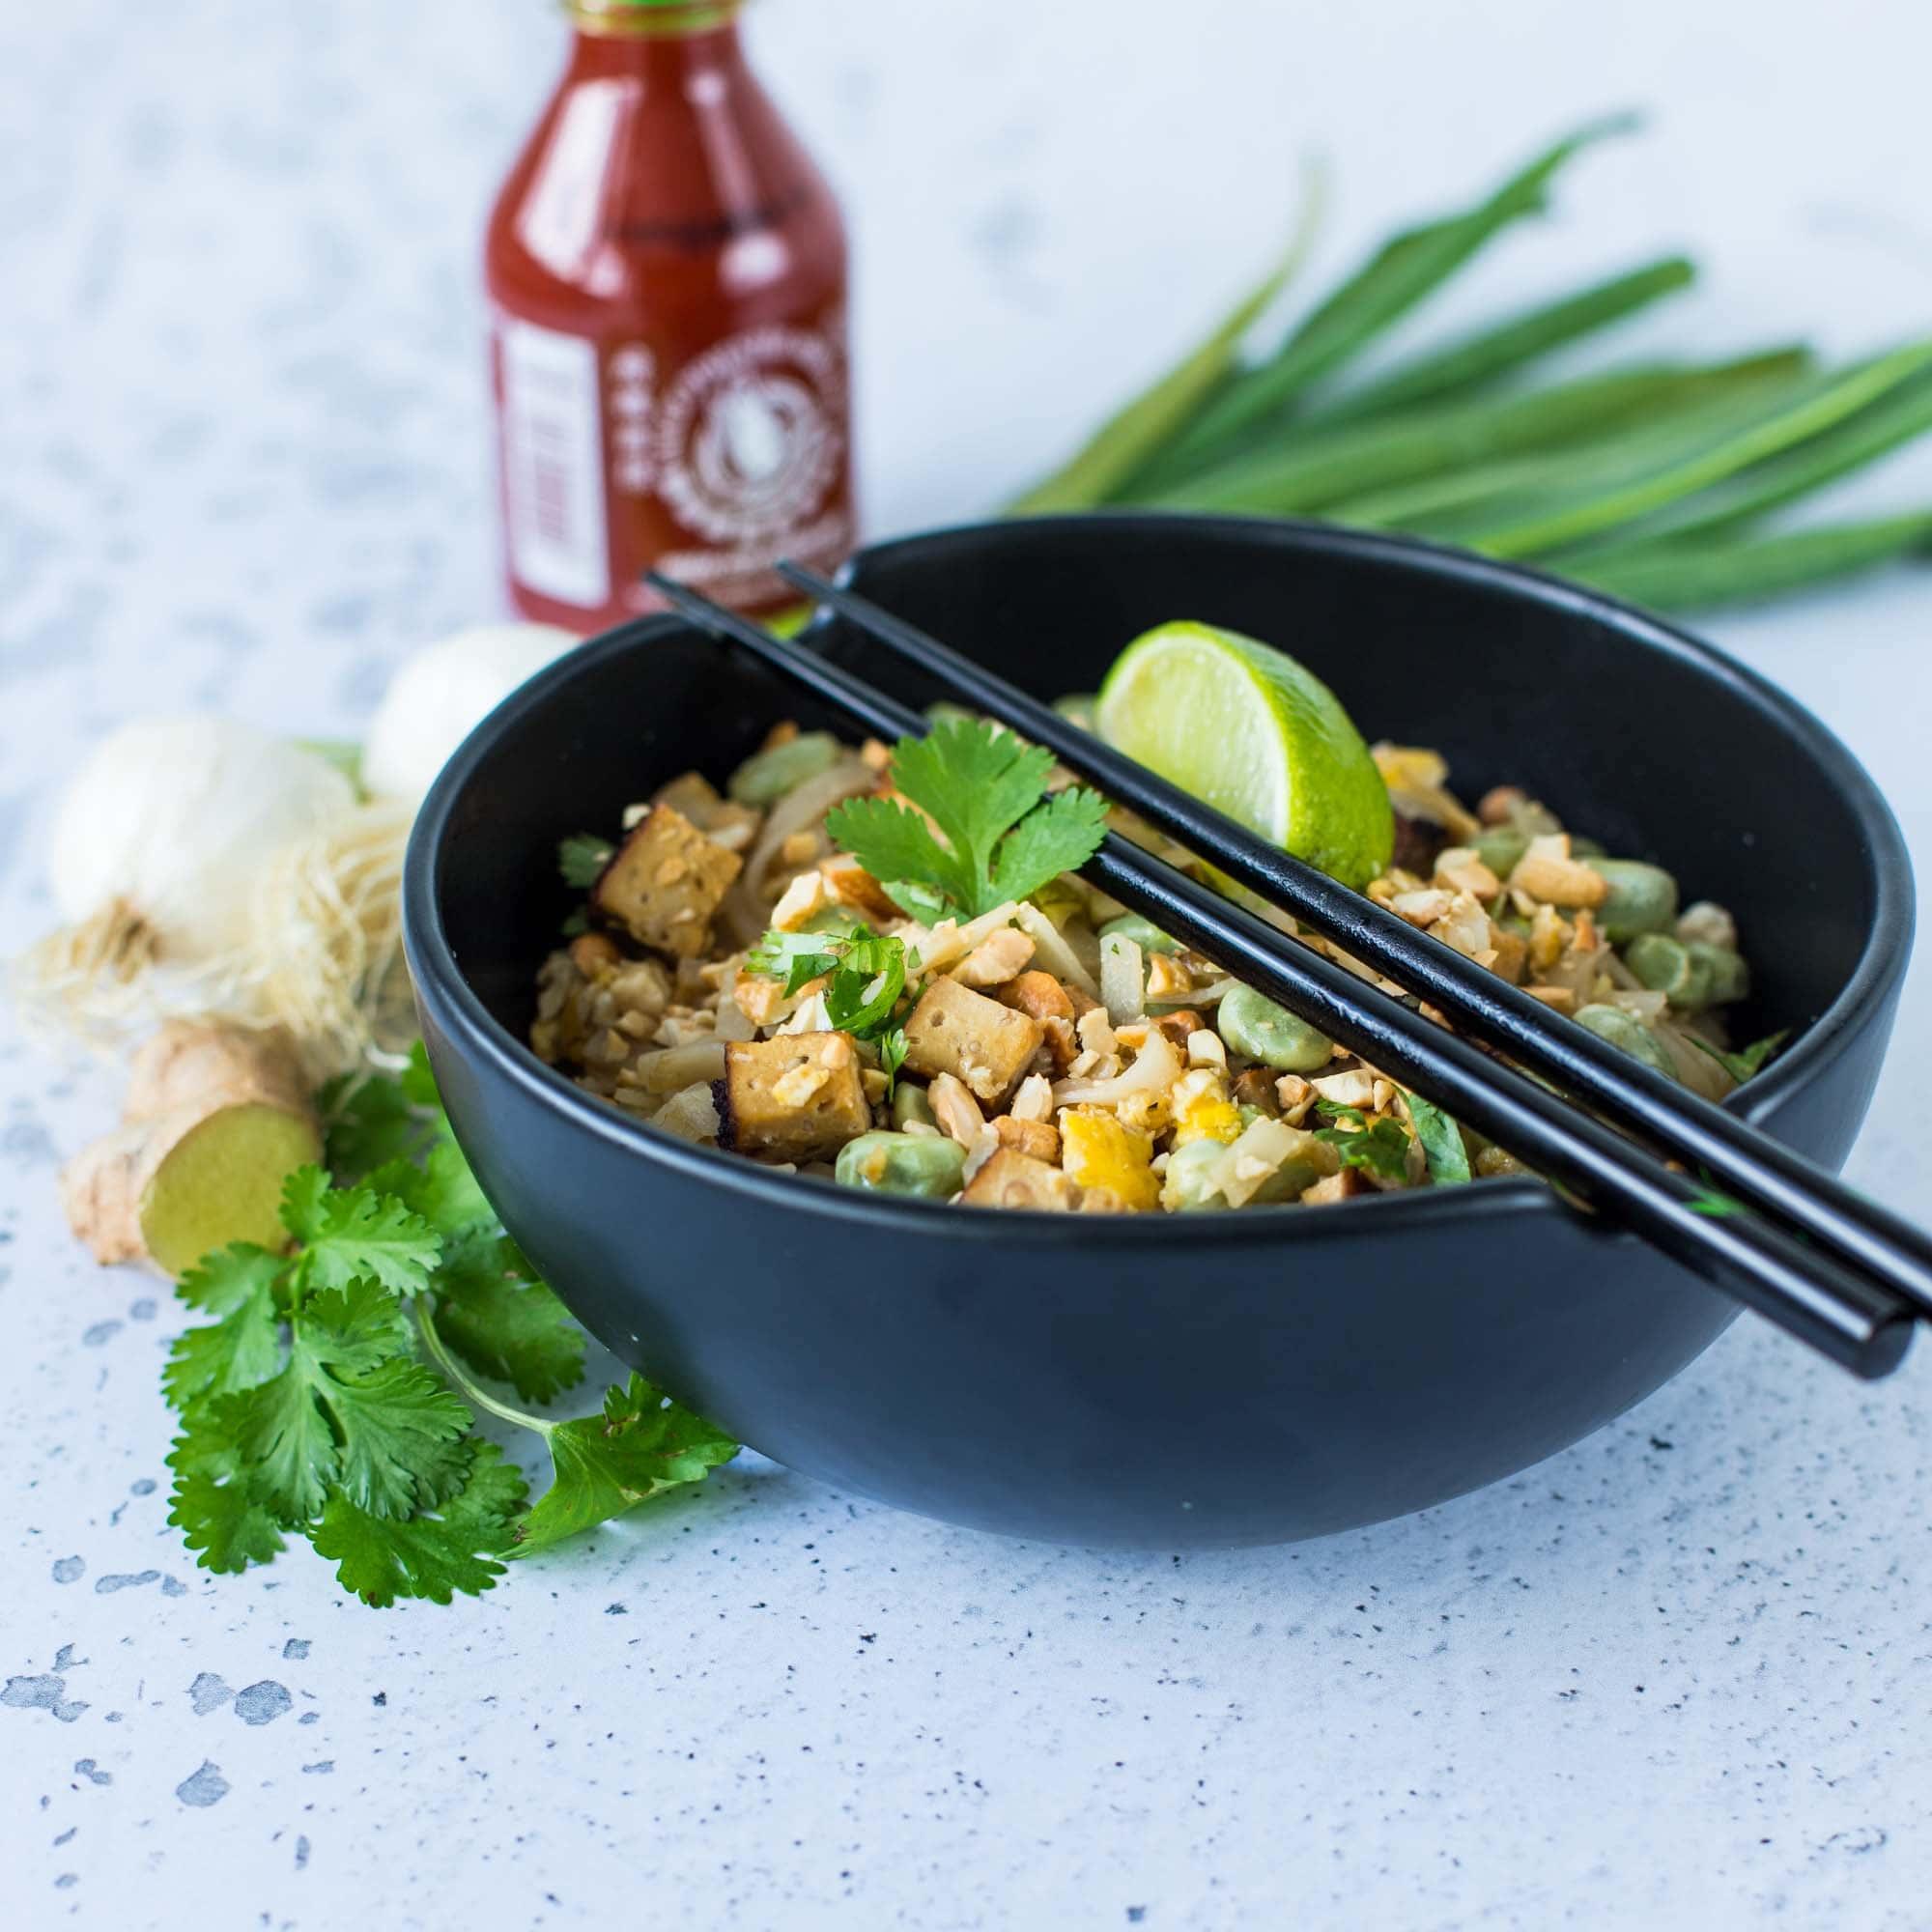 Pad thaï végétarien au fèves et tofu fumé - la cerise sur le maillot